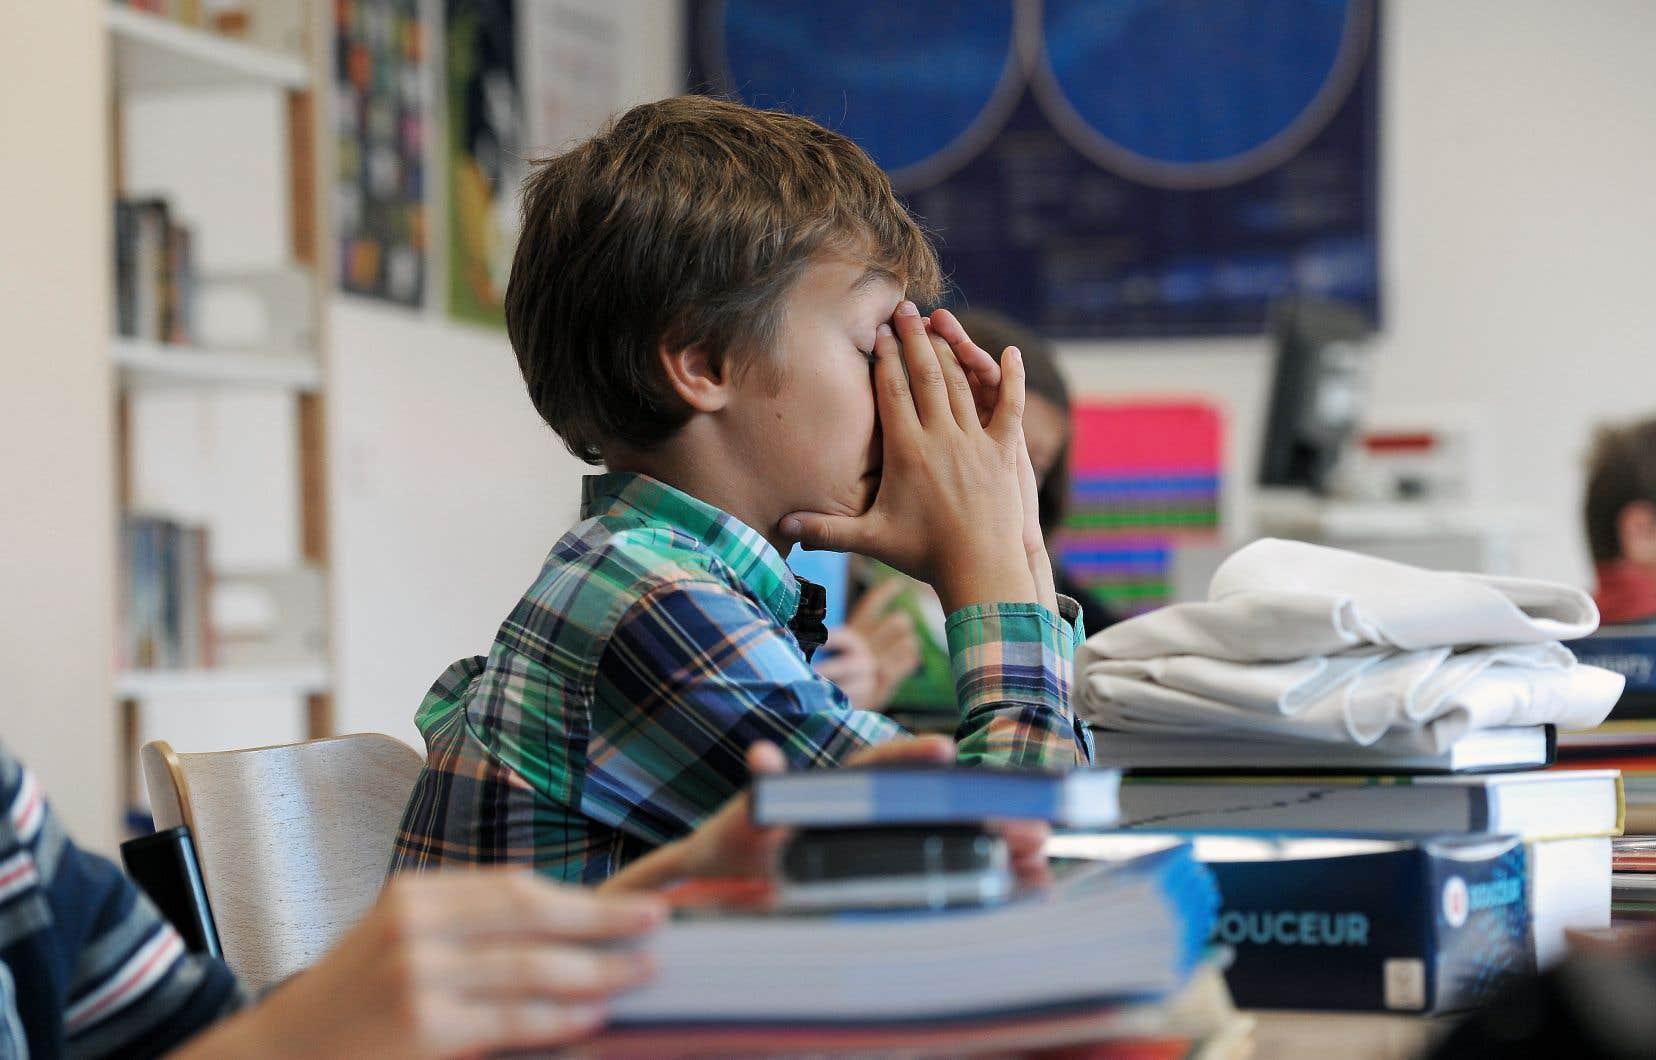 Les élèves en région auront bientôt accès à des services par vidéoconférence.